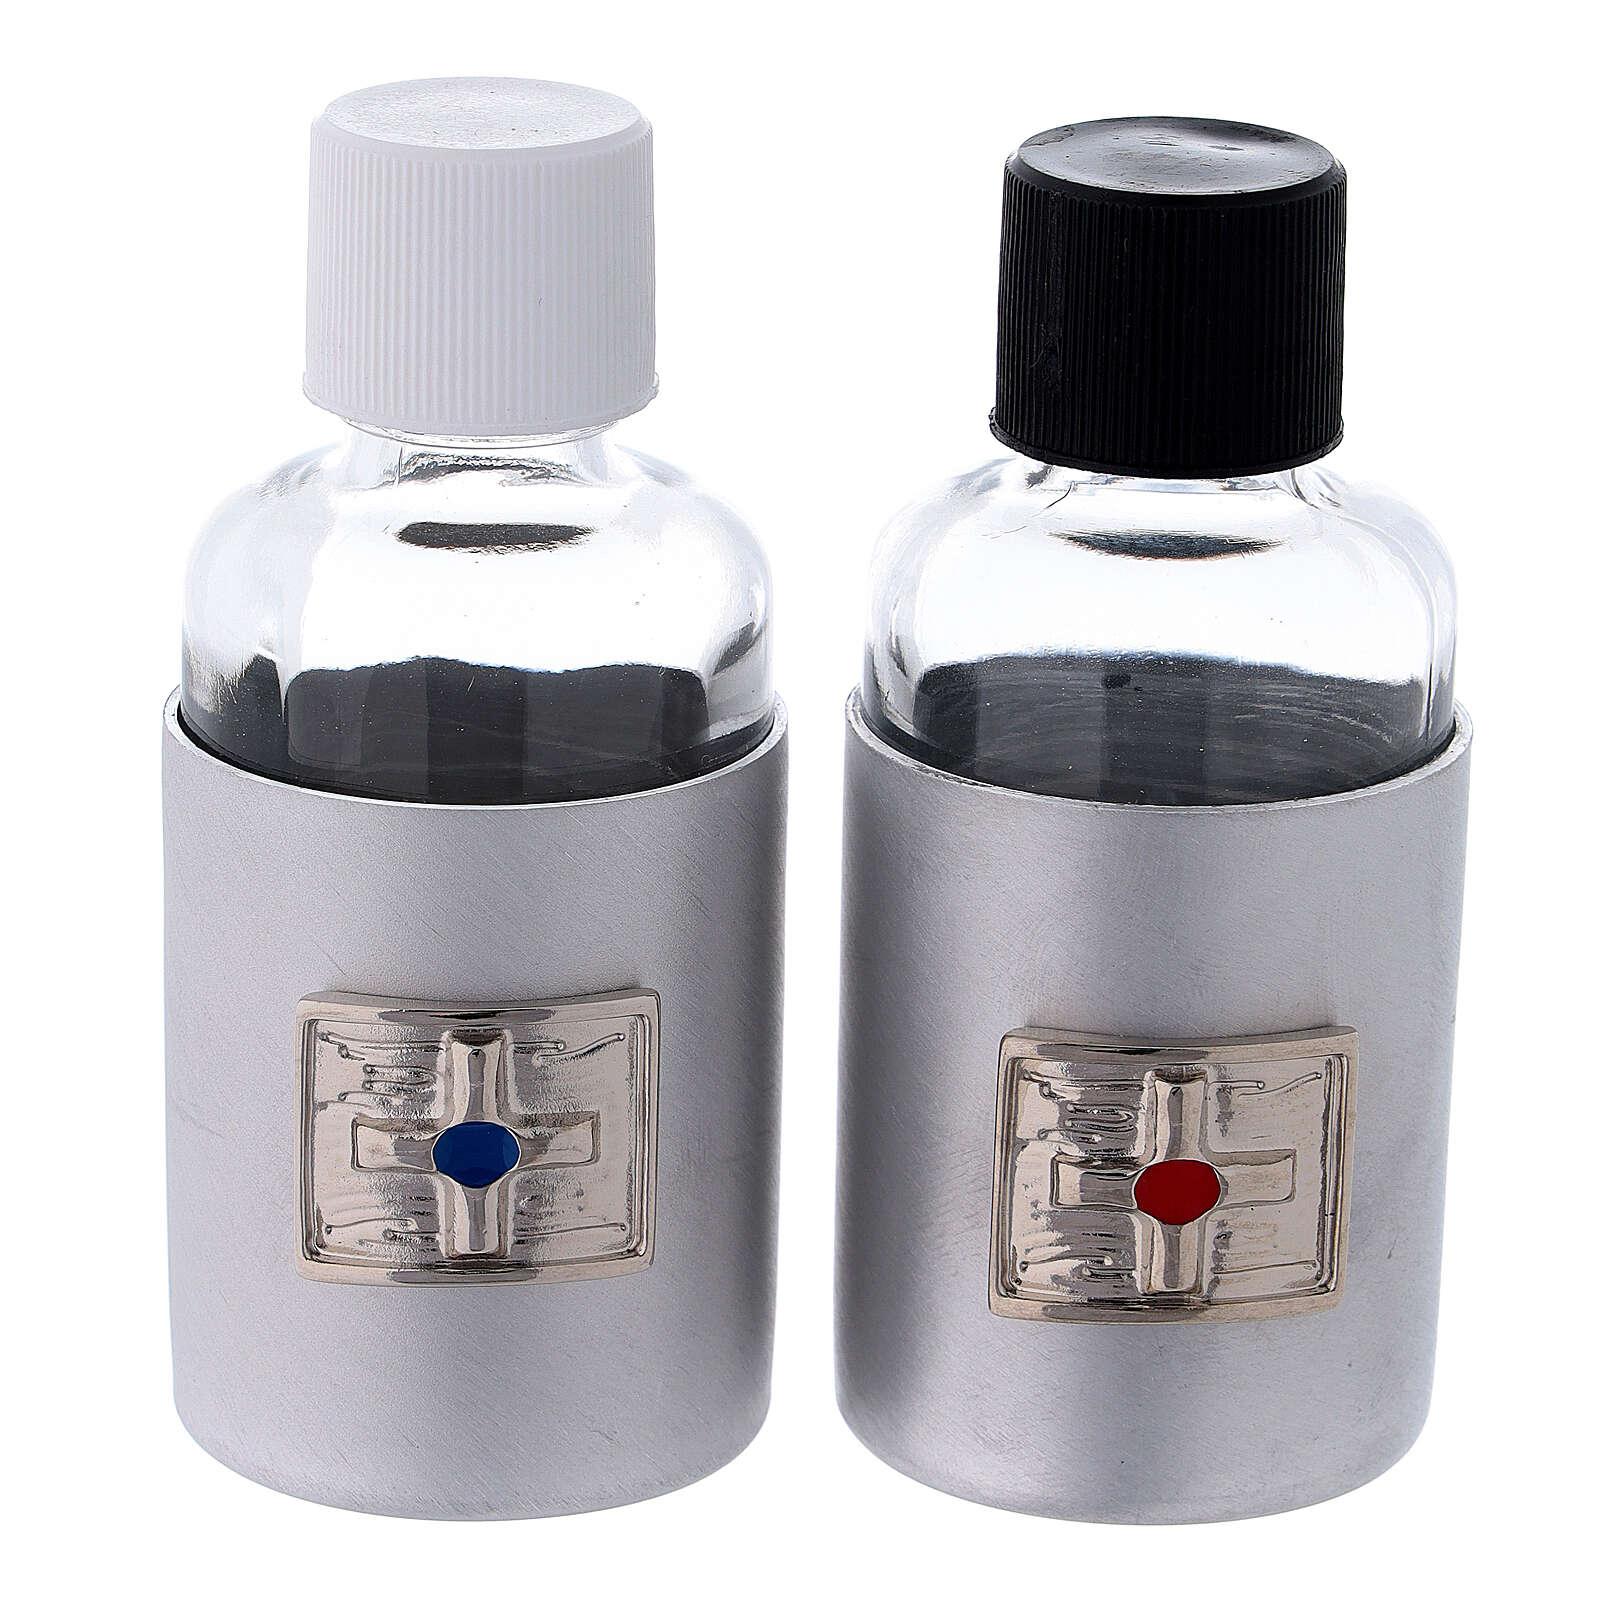 Bottiglie 30 ml in vetro con astuccio in ecopelle nero 4